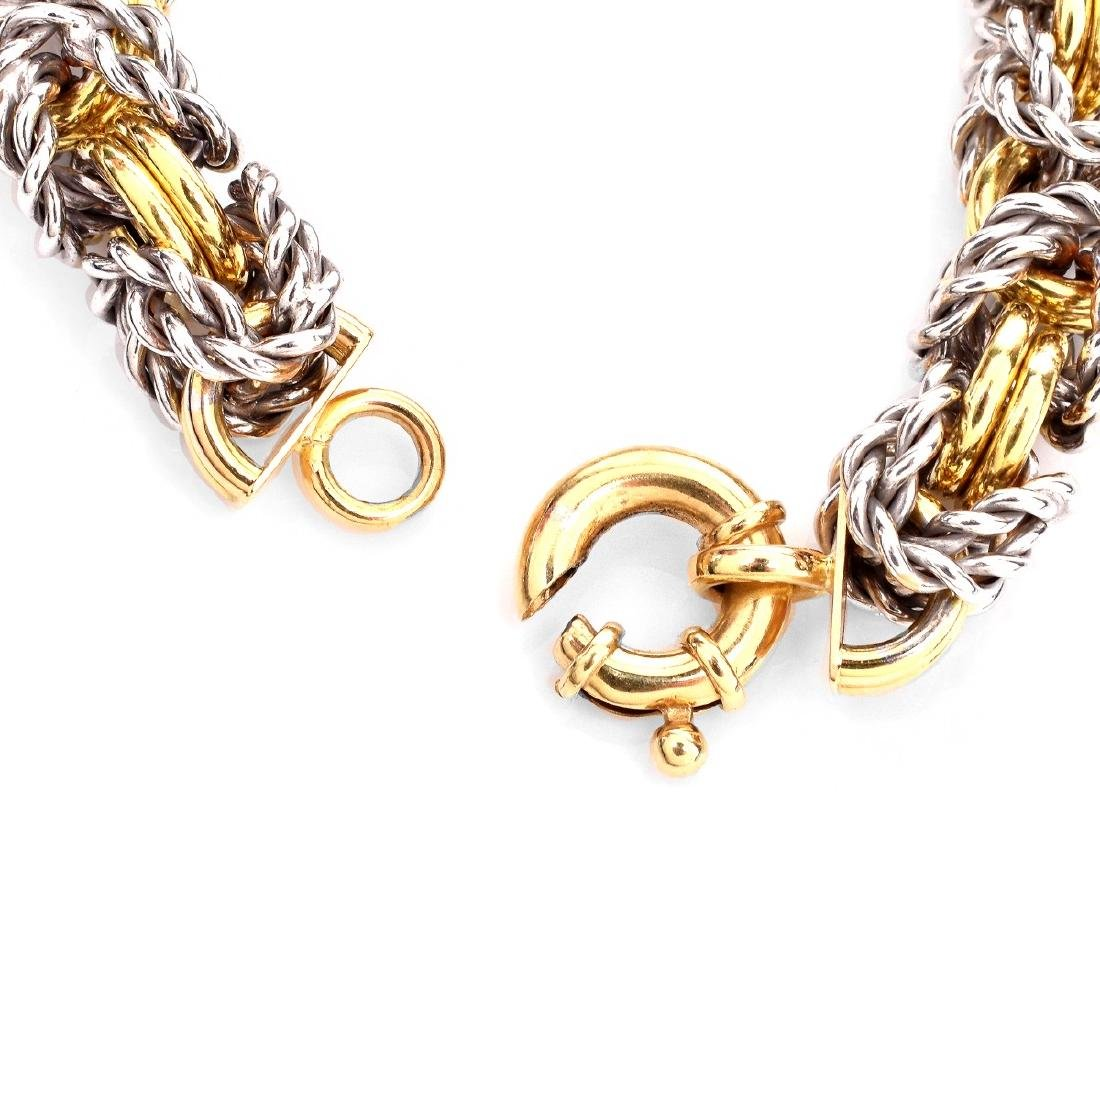 Italian 18K Gold Link Bracelet - 4